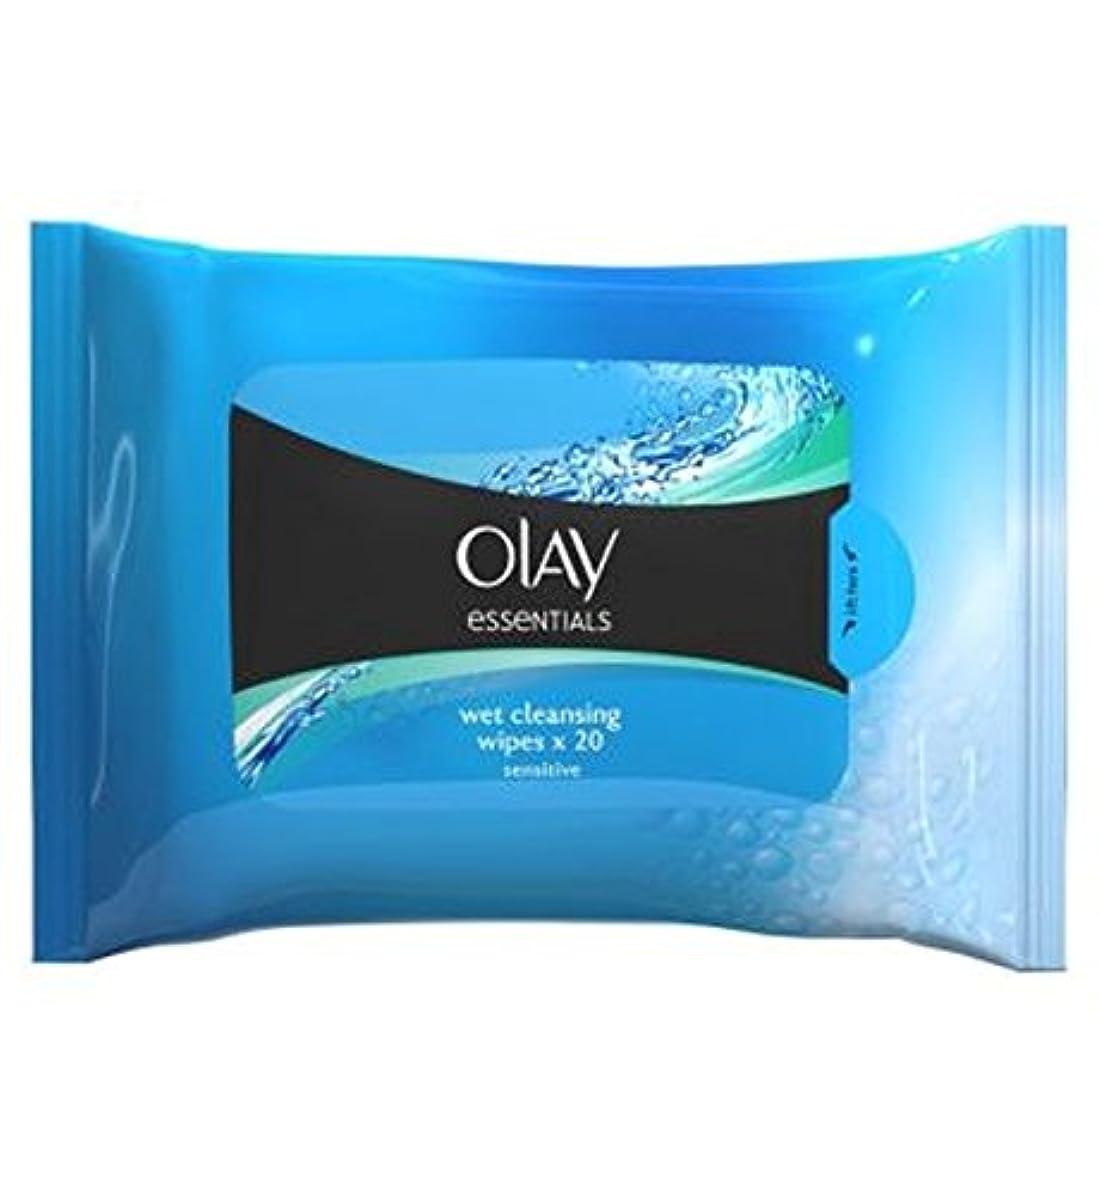 楕円形利得濃度顔の敏感なクレンジングは、再シール可能なポーチX20にワイプオーレイの必需品 (Olay) (x2) - Olay Essentials Facial Sensitive Cleansing Wipes in Resealable...